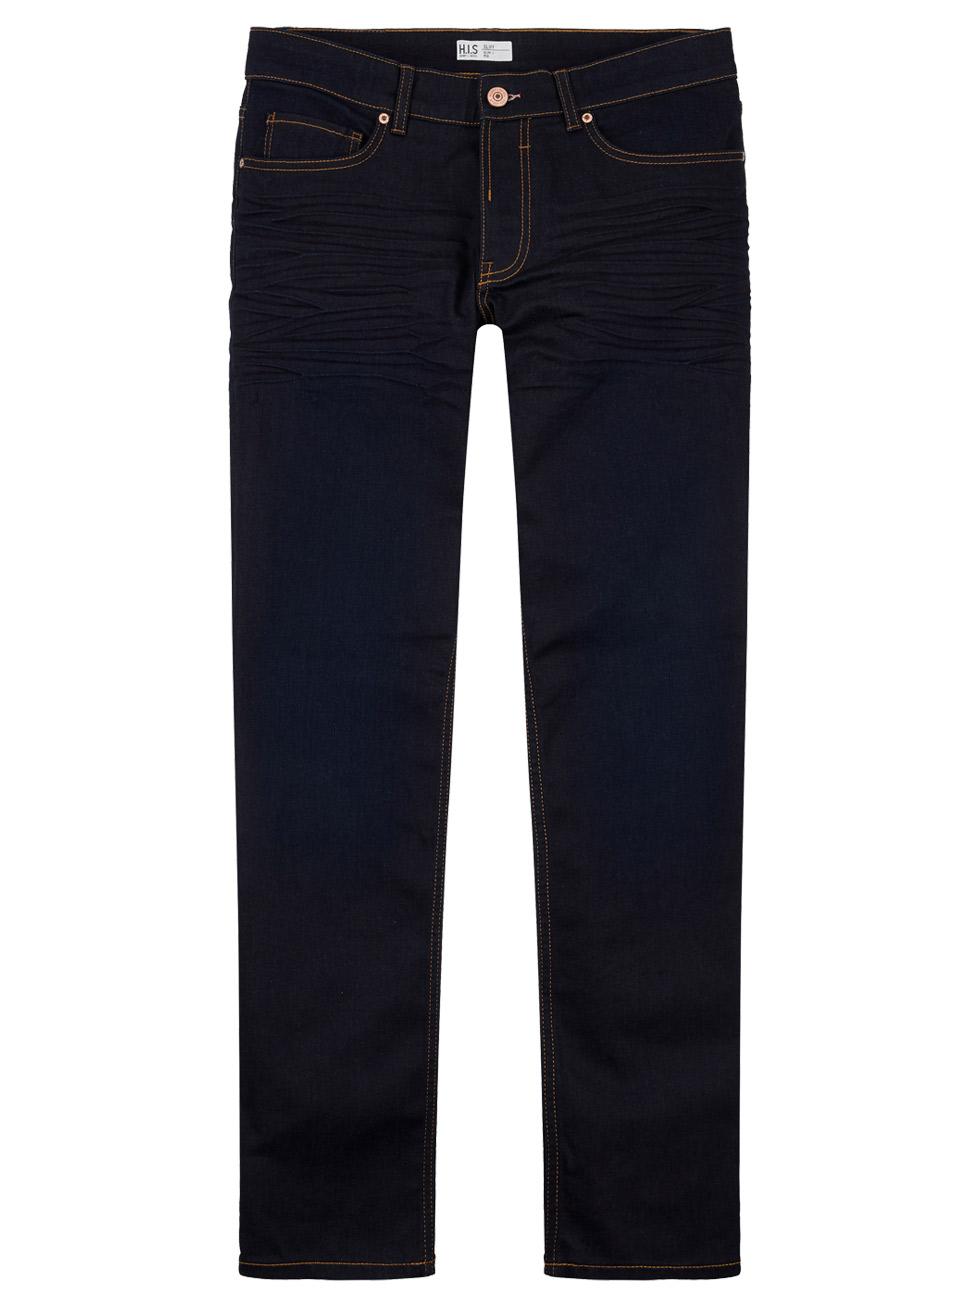 h i s herren jeans cliff slim fit mid waist blau. Black Bedroom Furniture Sets. Home Design Ideas